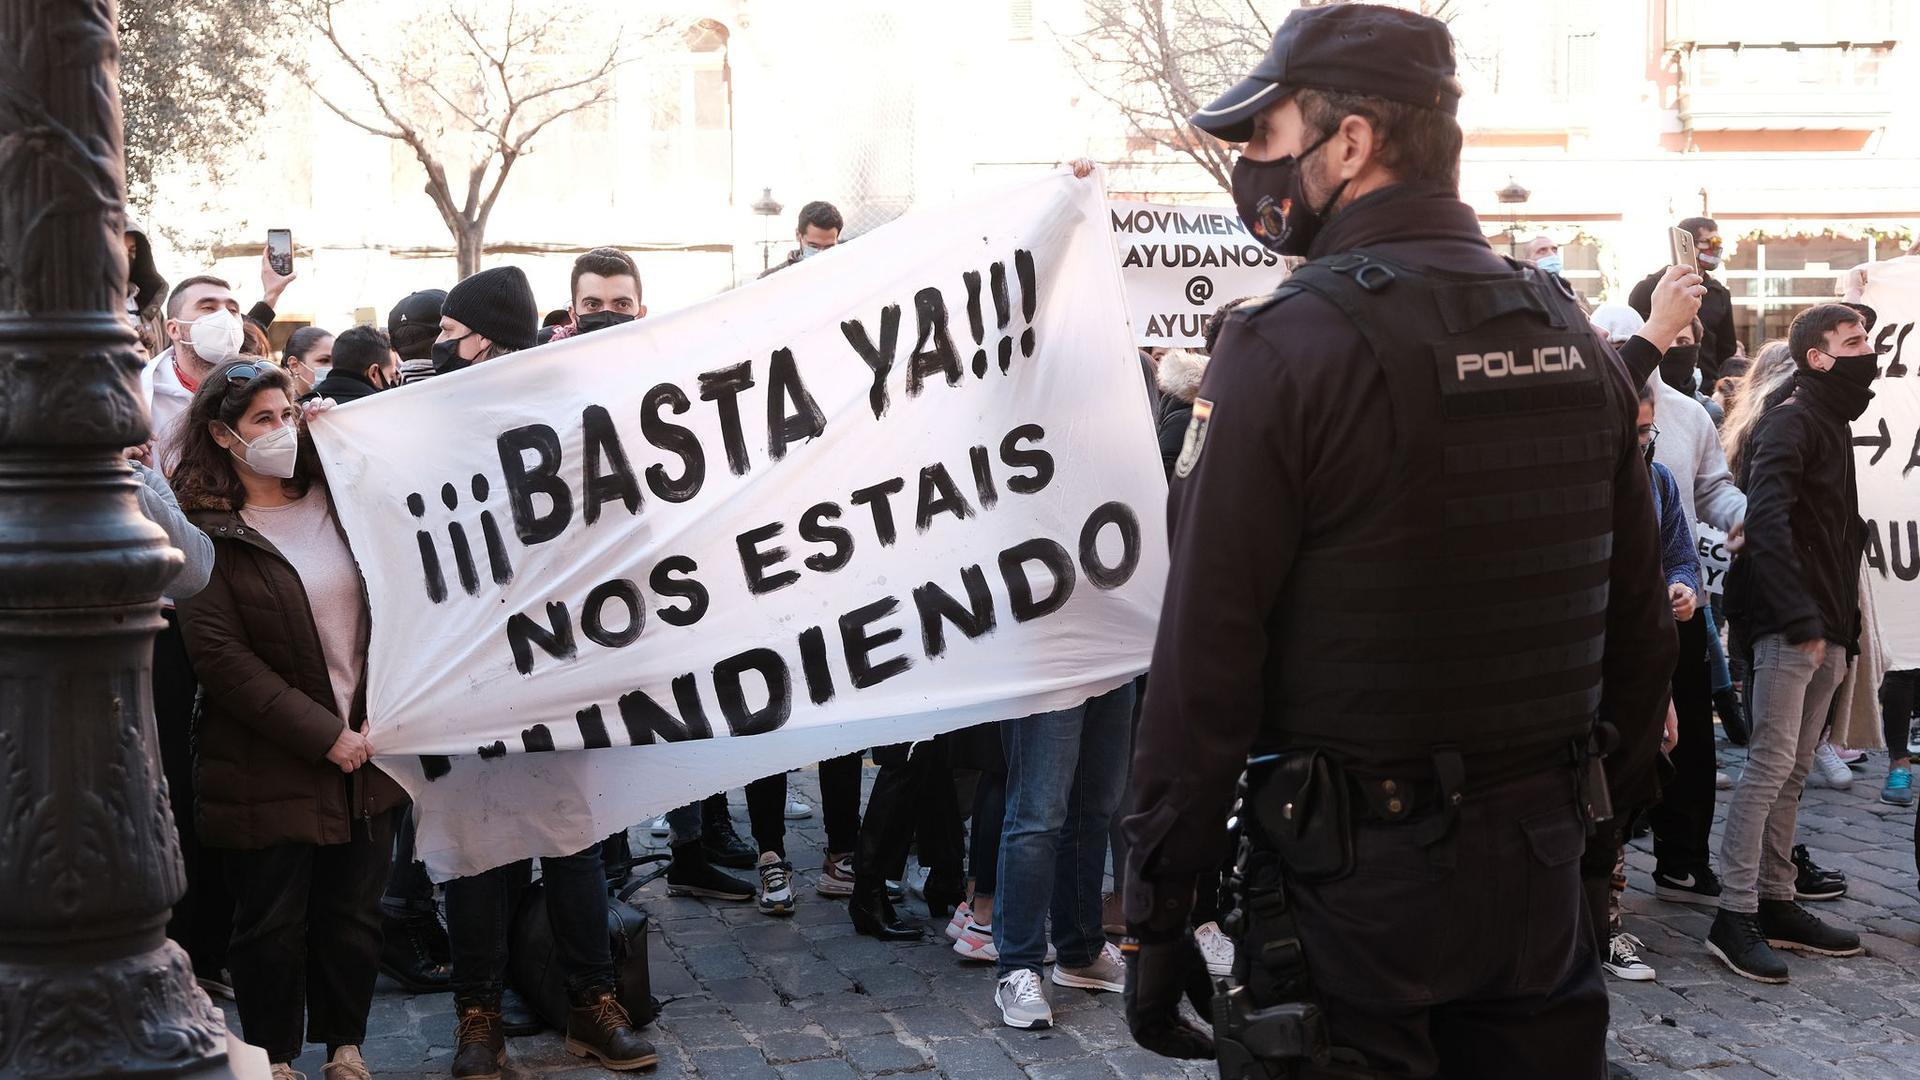 """""""Schluss damit, ihr ruiniert uns"""" steht auf einem Banner, das Demonstranten während einer Kundgebung vor dem Consolat de Mar halten, dem Sitz der Regierung der Balearen in Palma de Mallorca."""